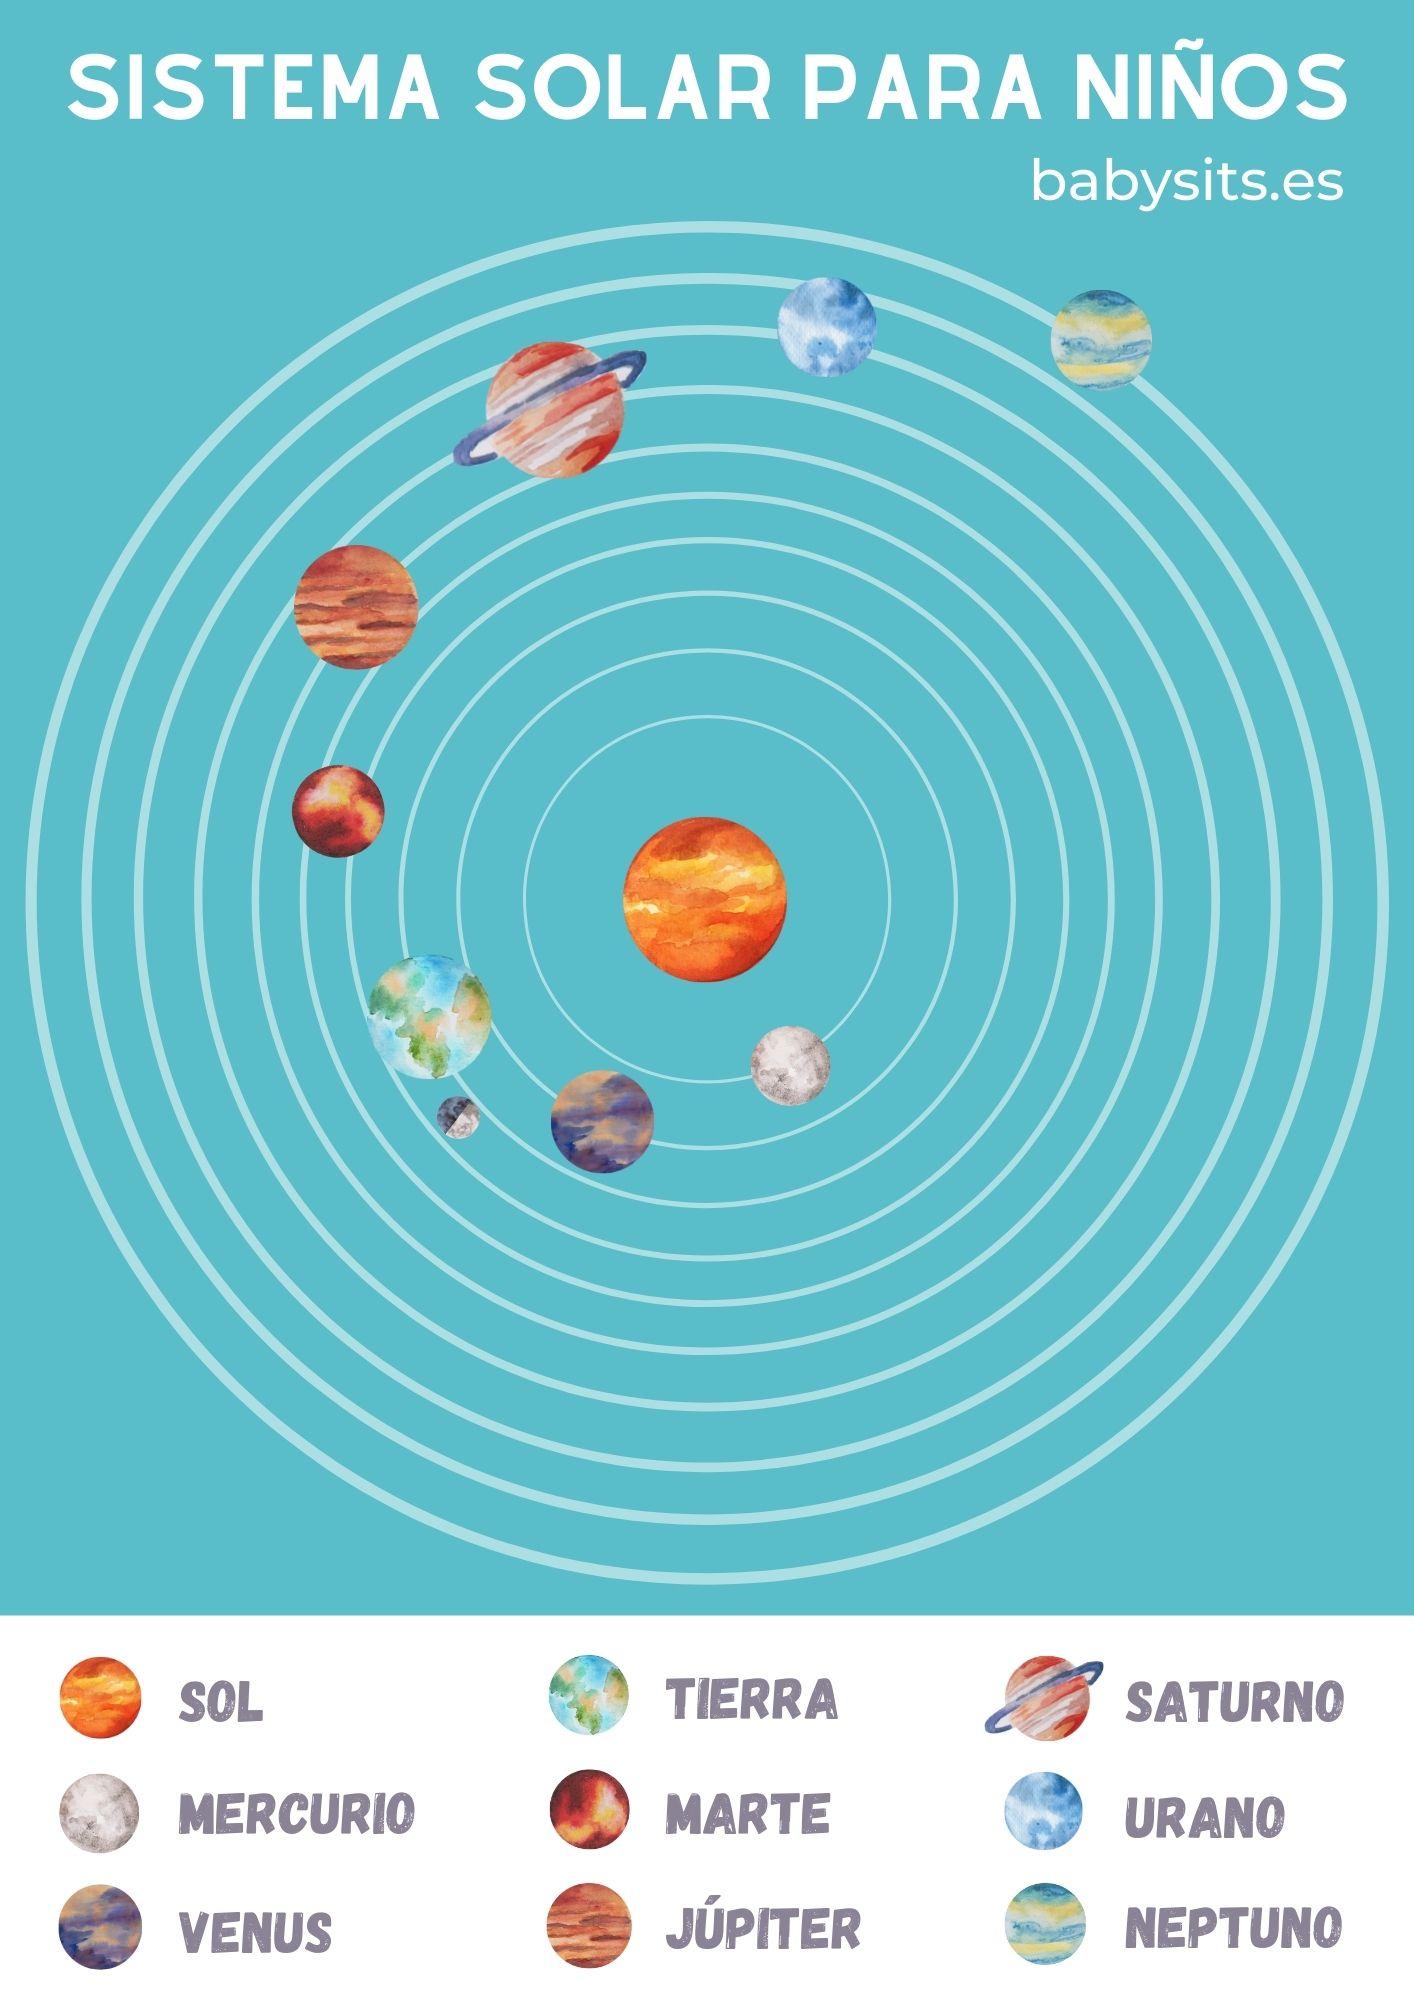 solar system model for kids